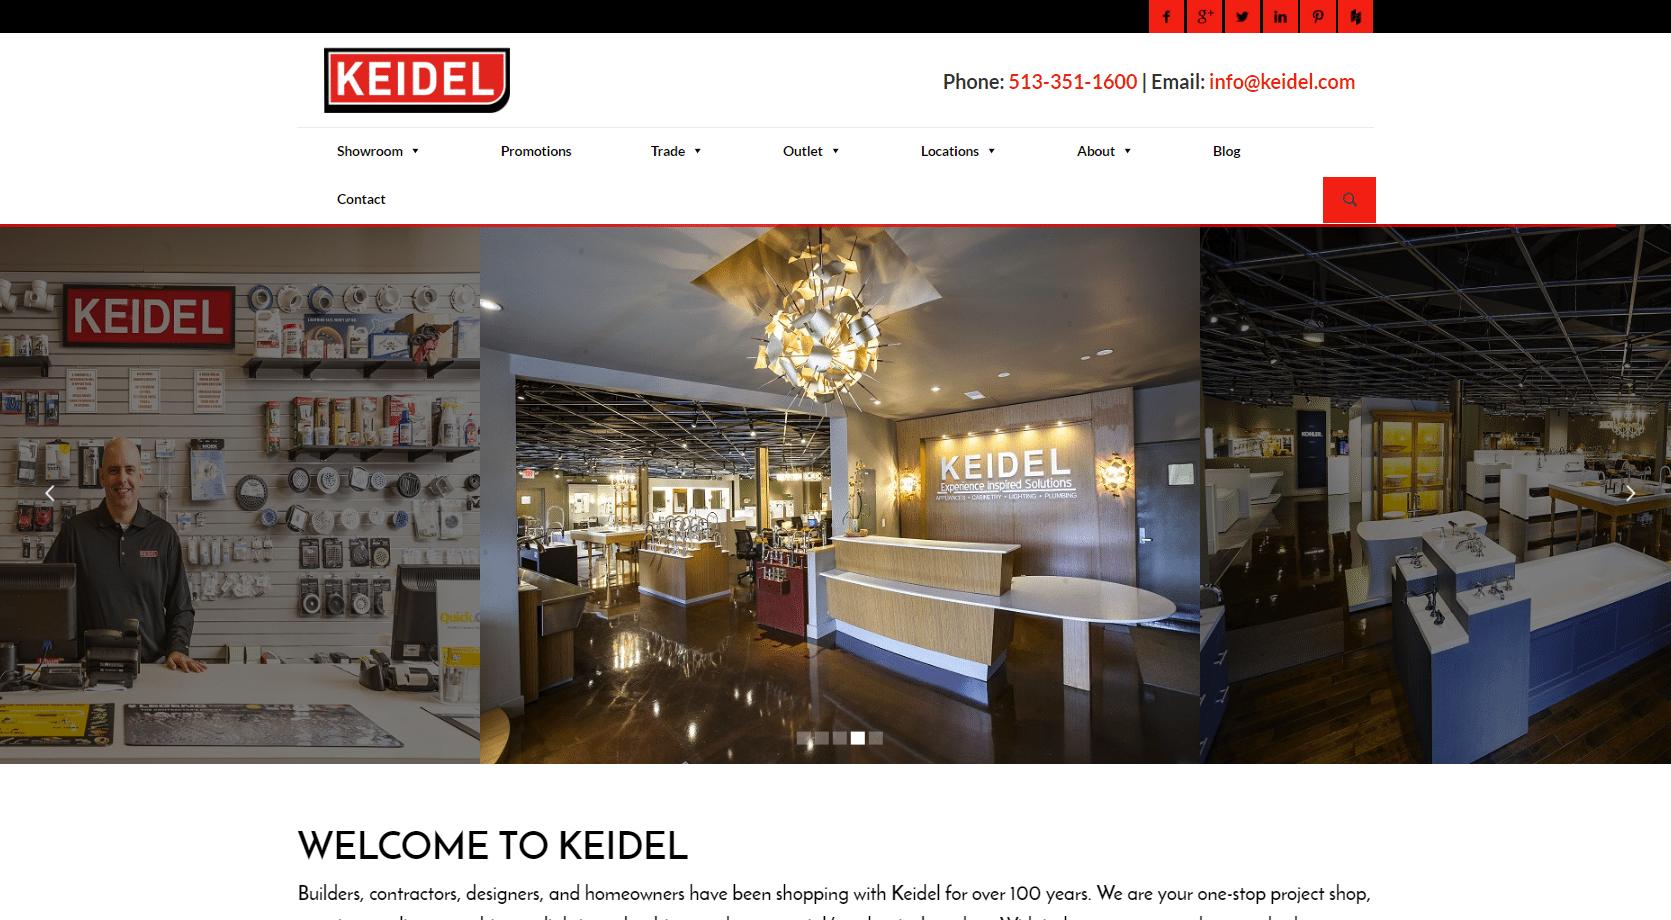 Keidel After